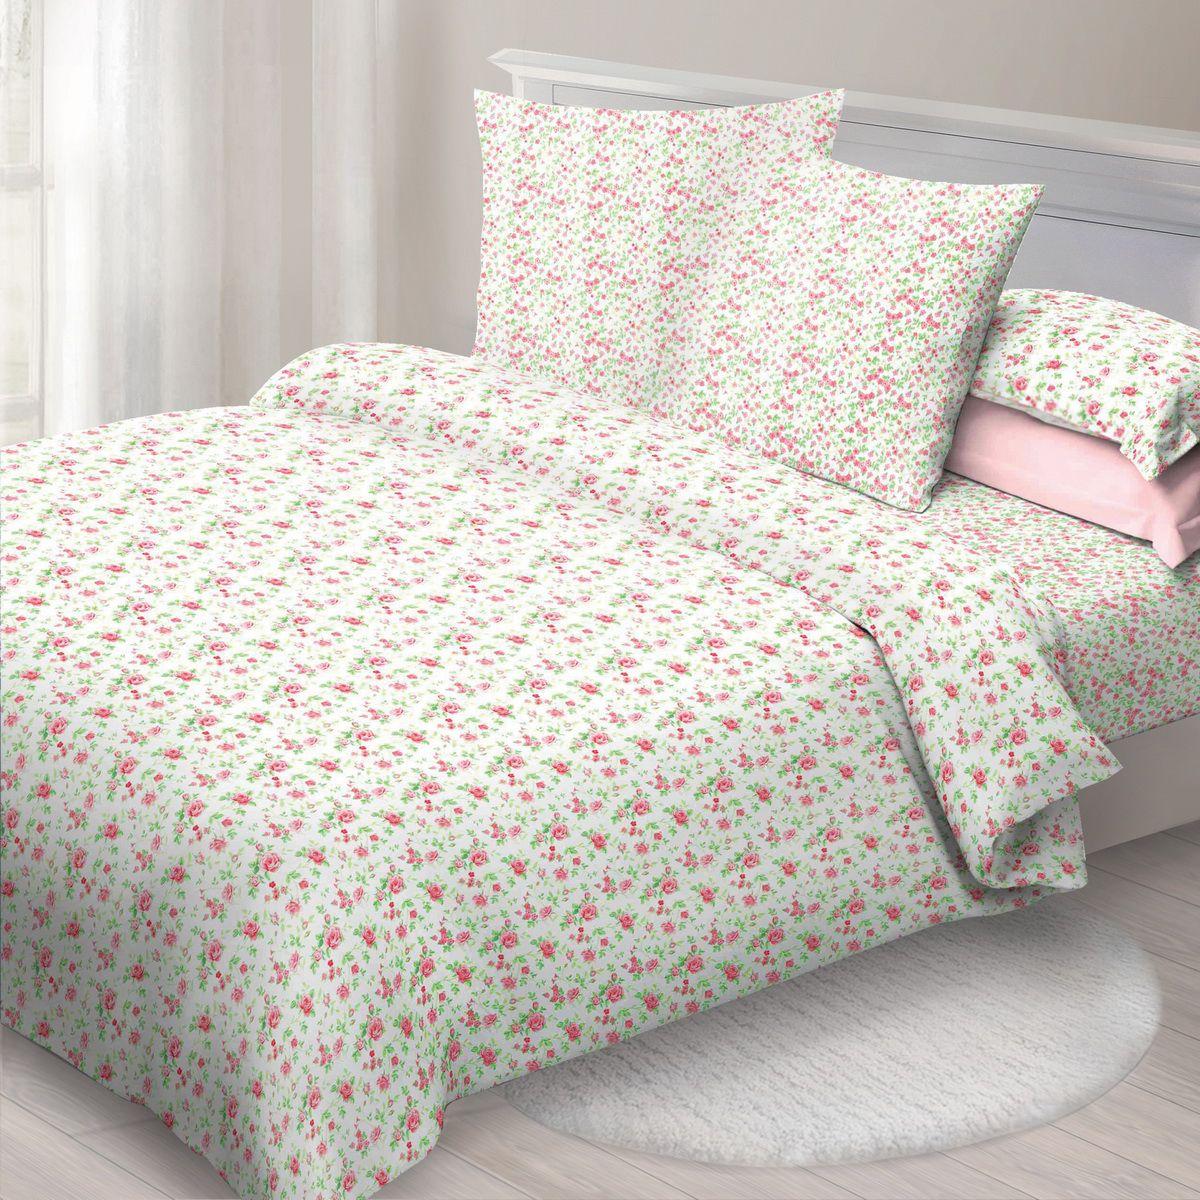 Комплект белья Спал Спалыч Мила, 1,5-спальное, наволочки 70x70, цвет: розовый90892Спал Спалыч - недорогое, но качественное постельное белье из белорусской бязи. Актуальные дизайны, авторская упаковка в сочетании с качественными материалами и приемлемой ценой - залог успеха Спал Спалыча! В ассортименте широкая линейка домашнего текстиля для всей семьи - современные дизайны современному покупателю! Ткань обработана по технологии PERFECT WAY - благодаря чему, она становится более гладкой и шелковистой. • Бязь Барановичи 100% хлопок • Плотность ткани - 125 гр/кв.м.